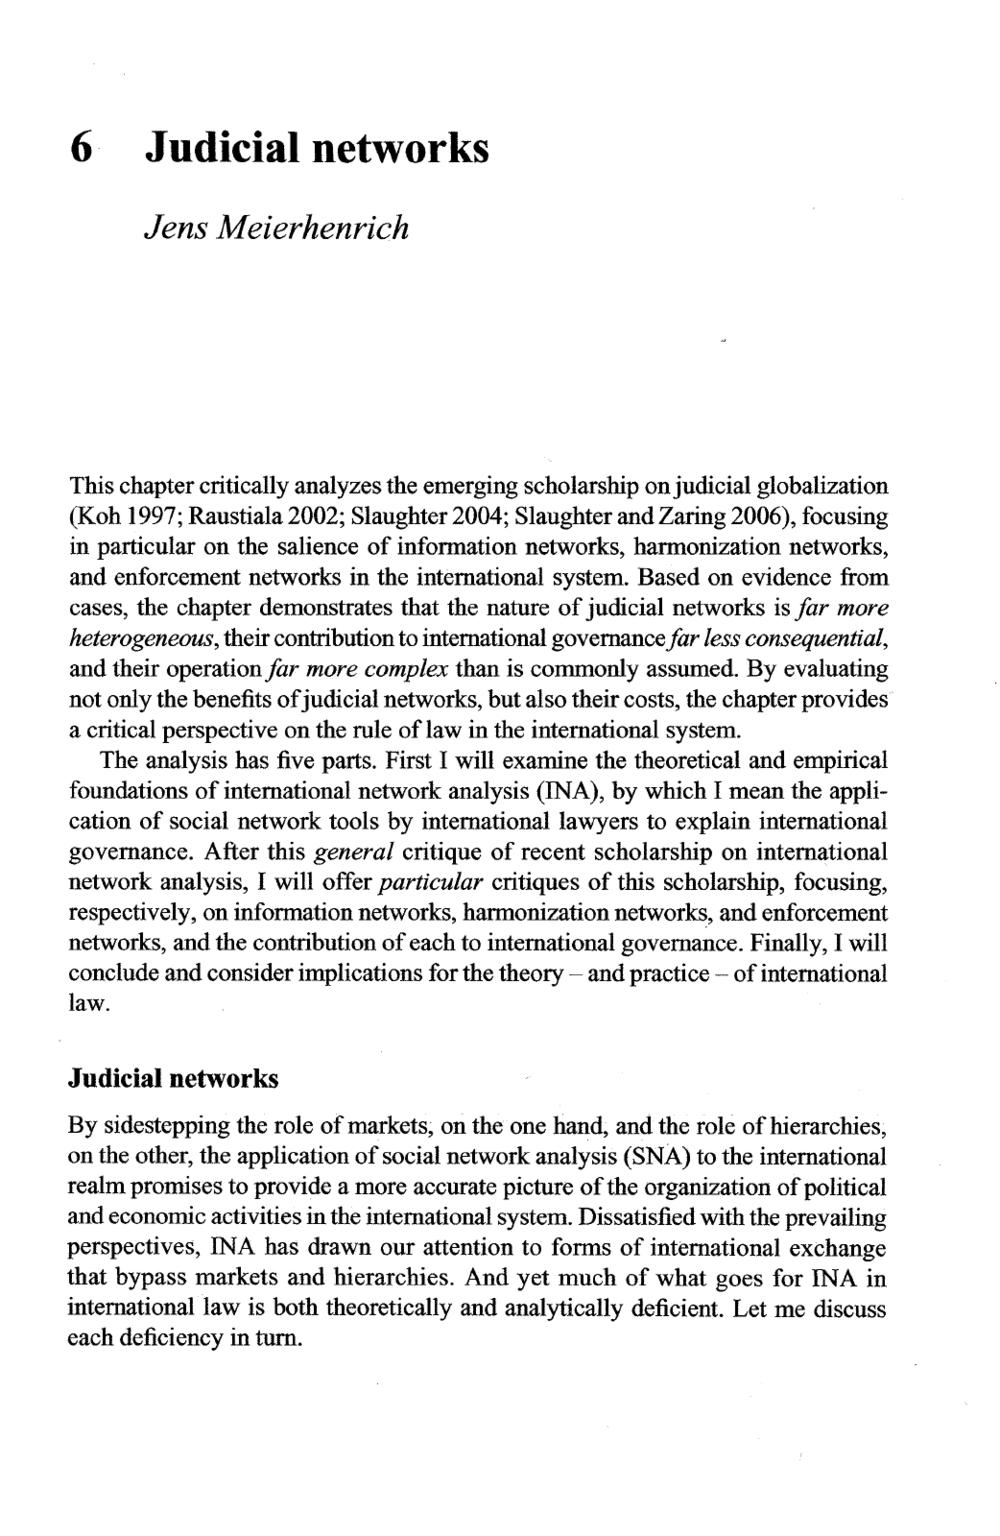 [8] Screen Shot, Judicial Networks.png